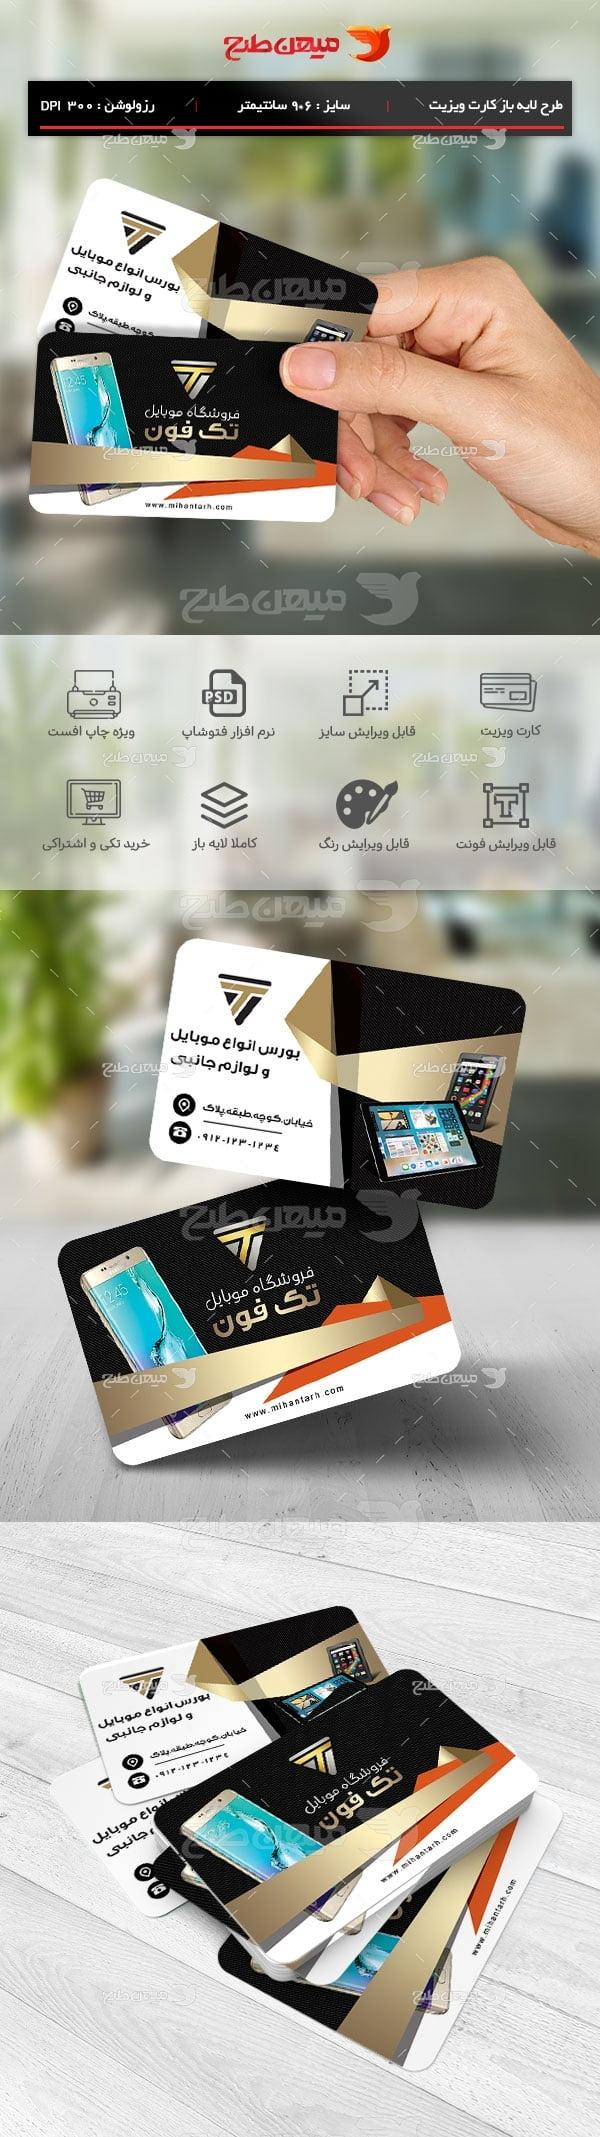 طرح لایه باز کارت ویزیت فروشگاه موبایل فروشی